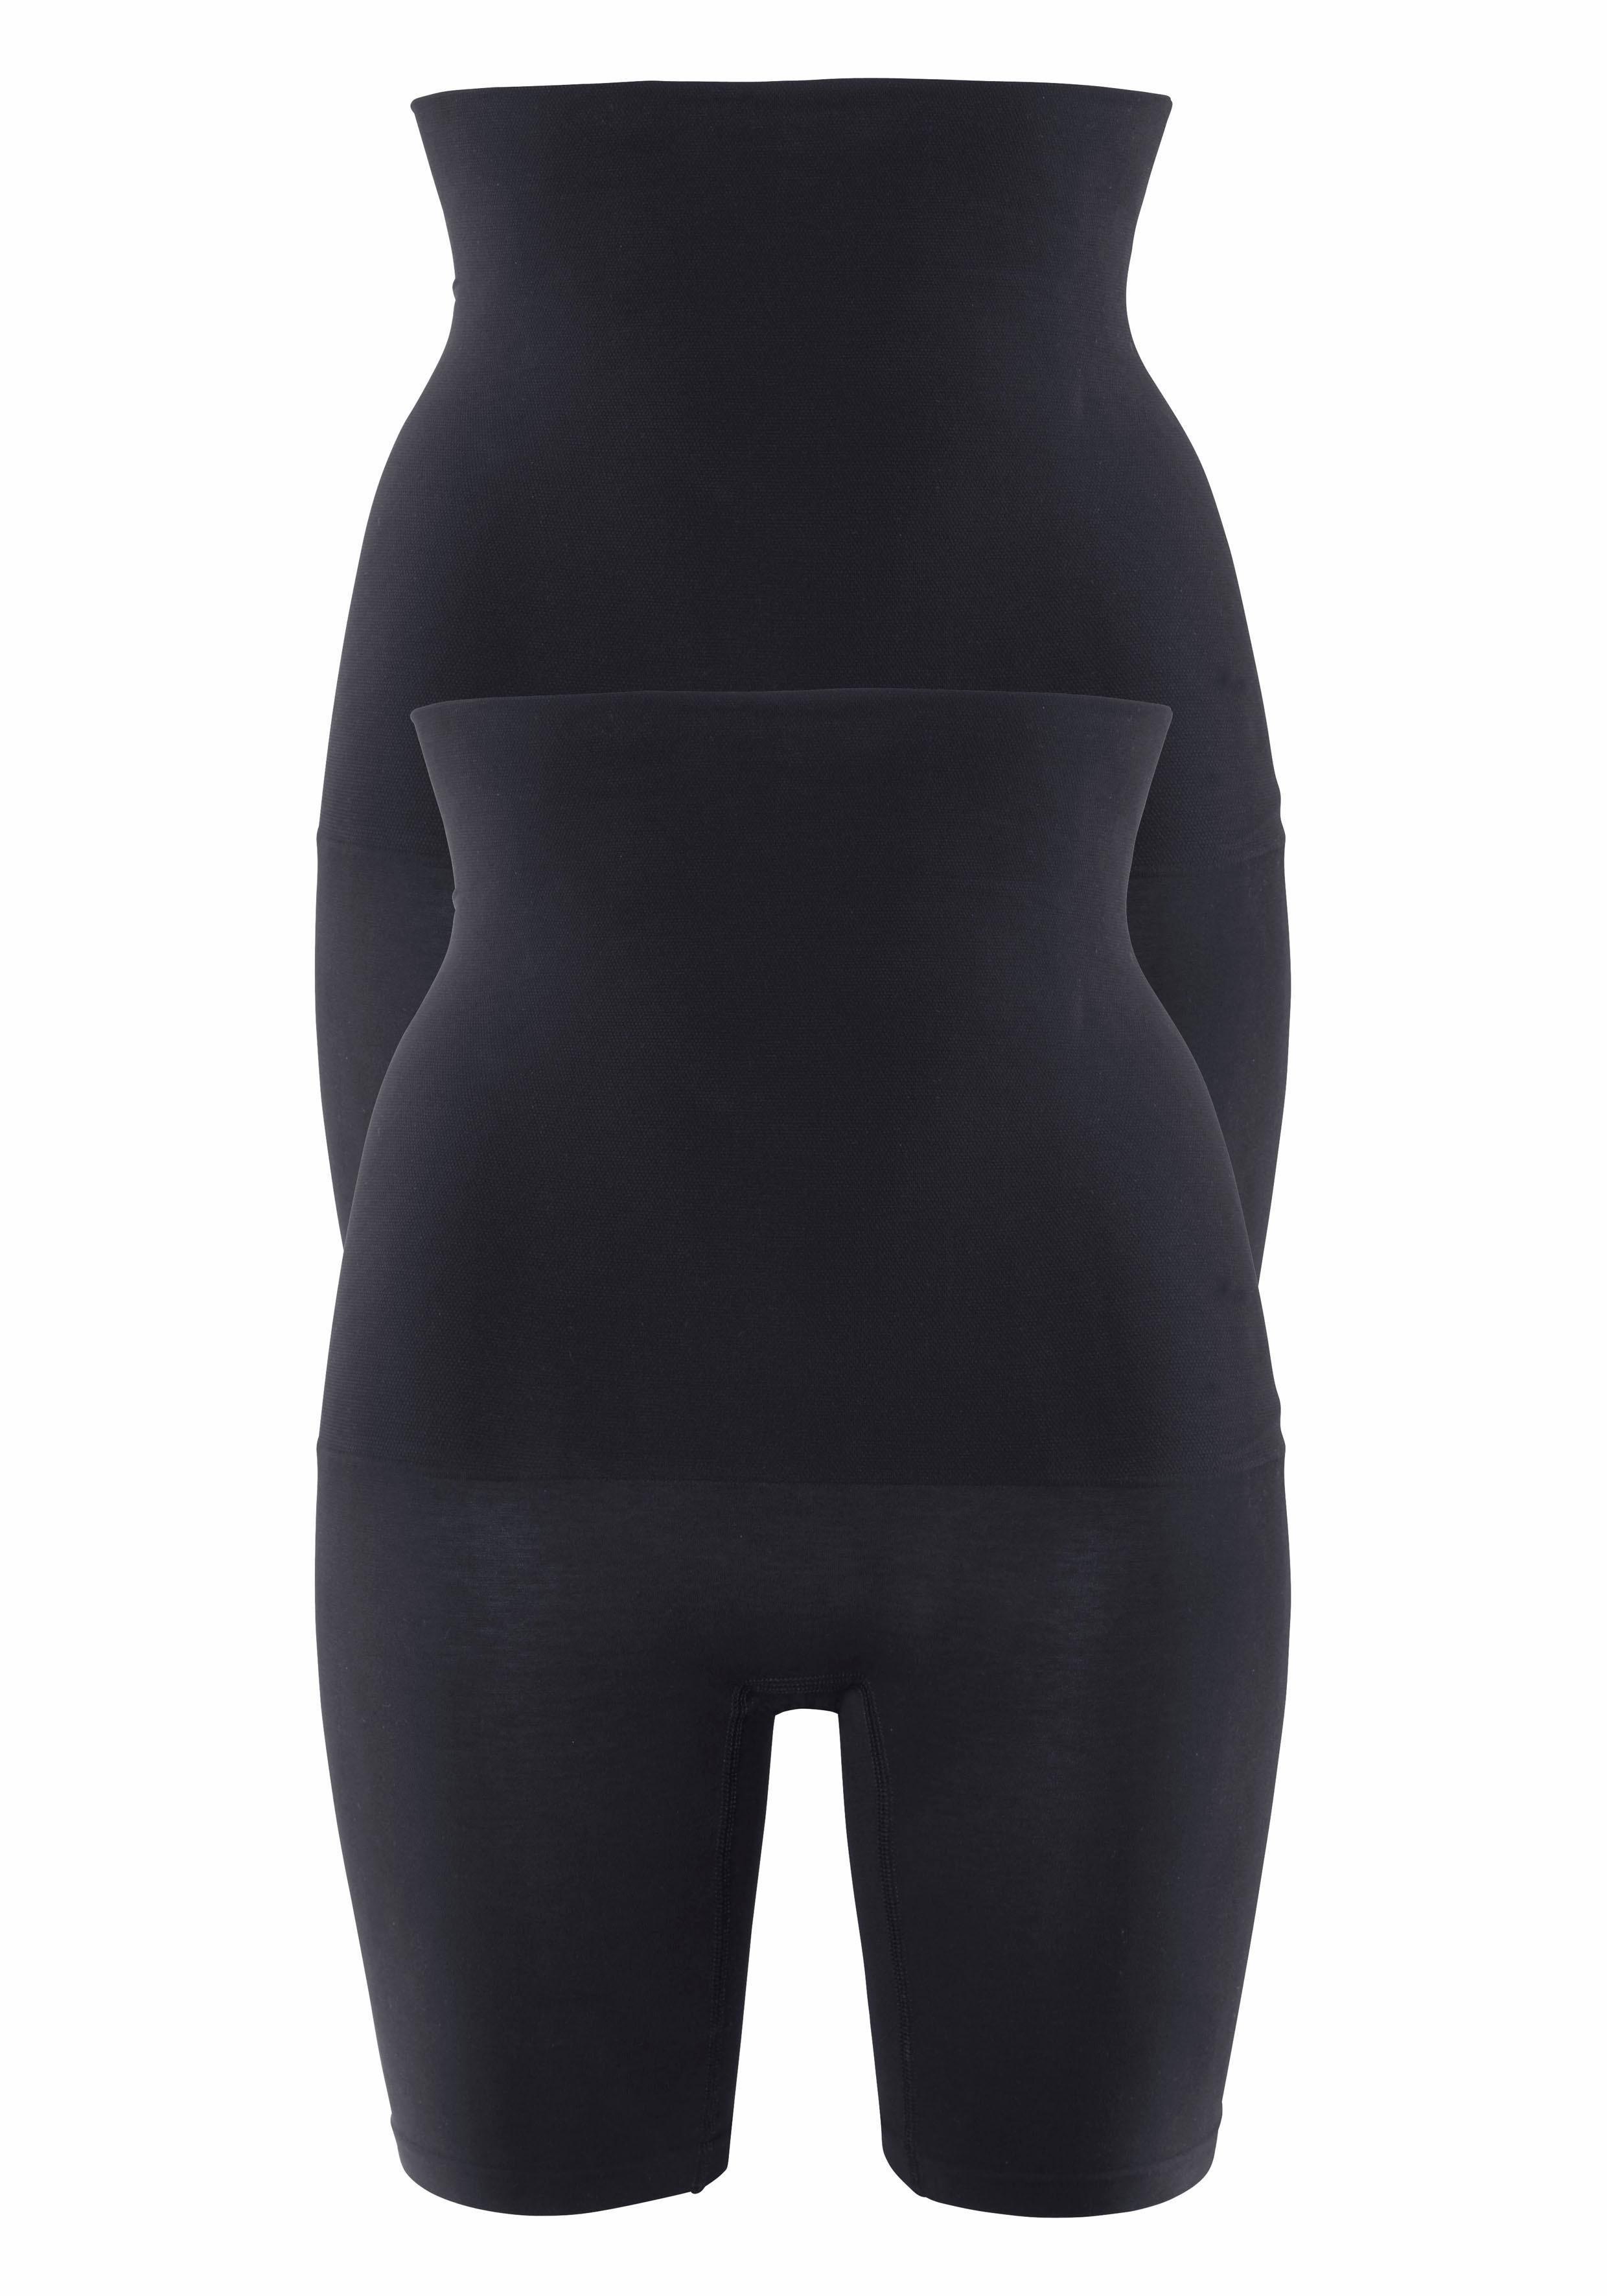 Je Bij Van pantsset Petite Fleur Bodyforming 2Koop 4qj5A3RL